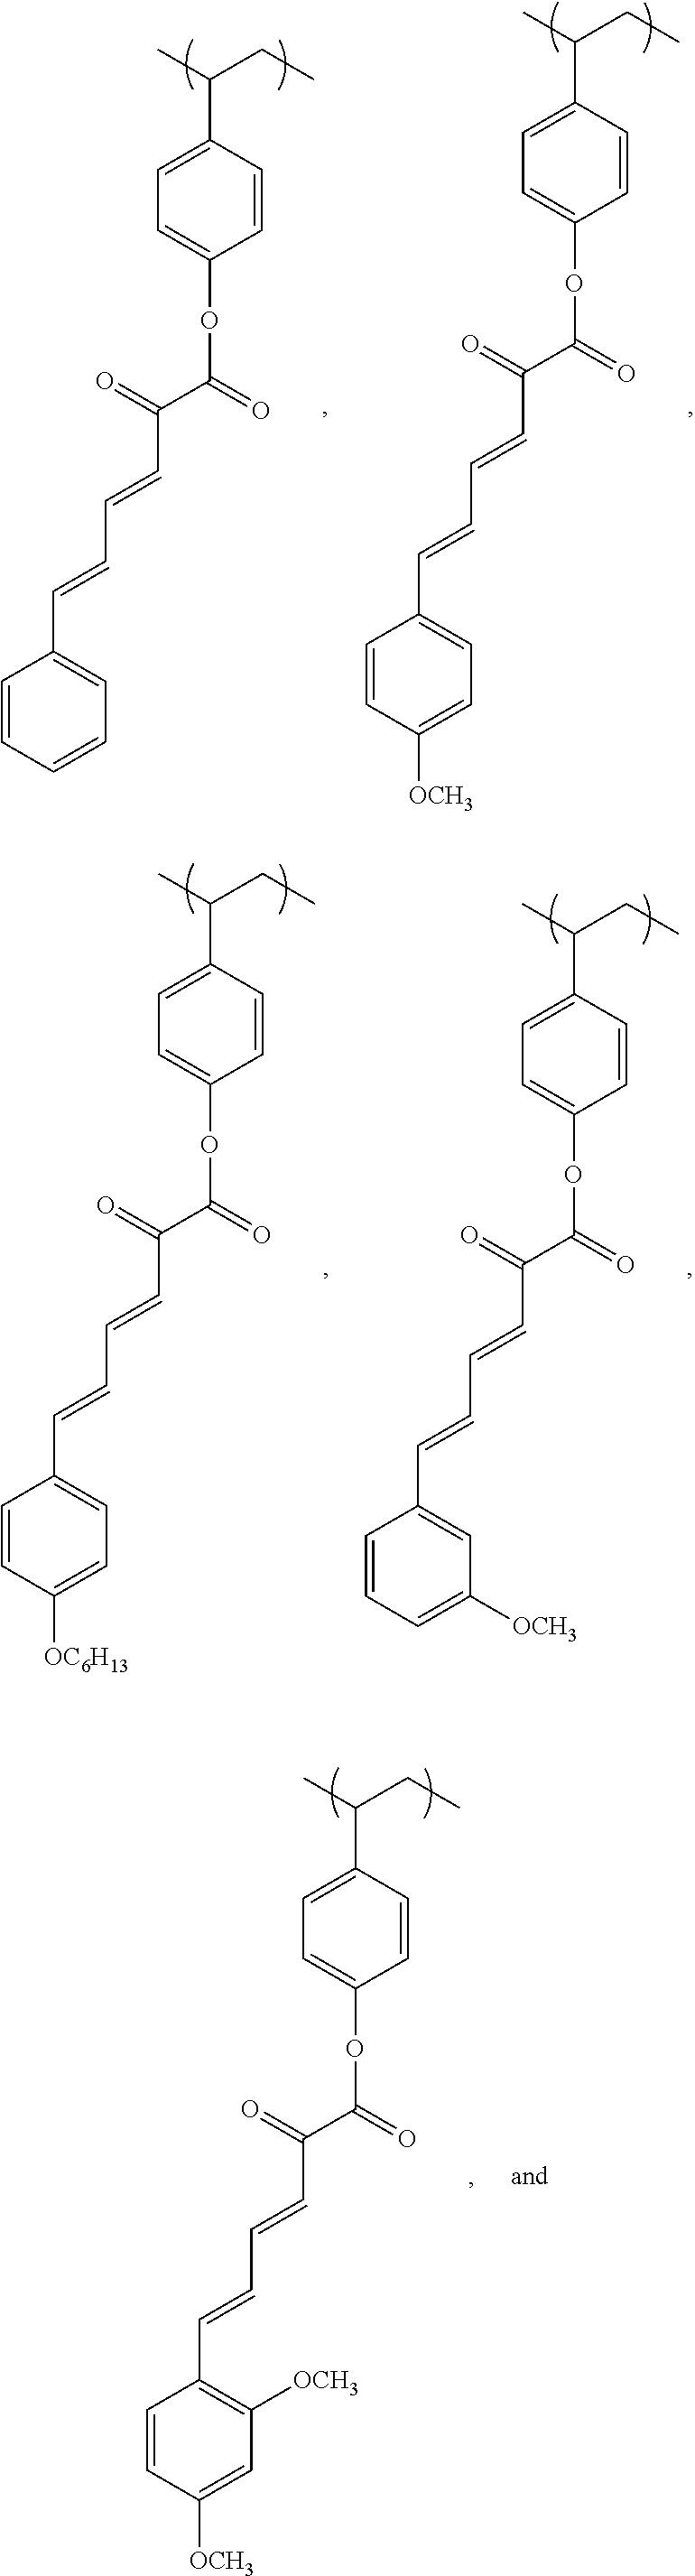 Figure US08878169-20141104-C00012